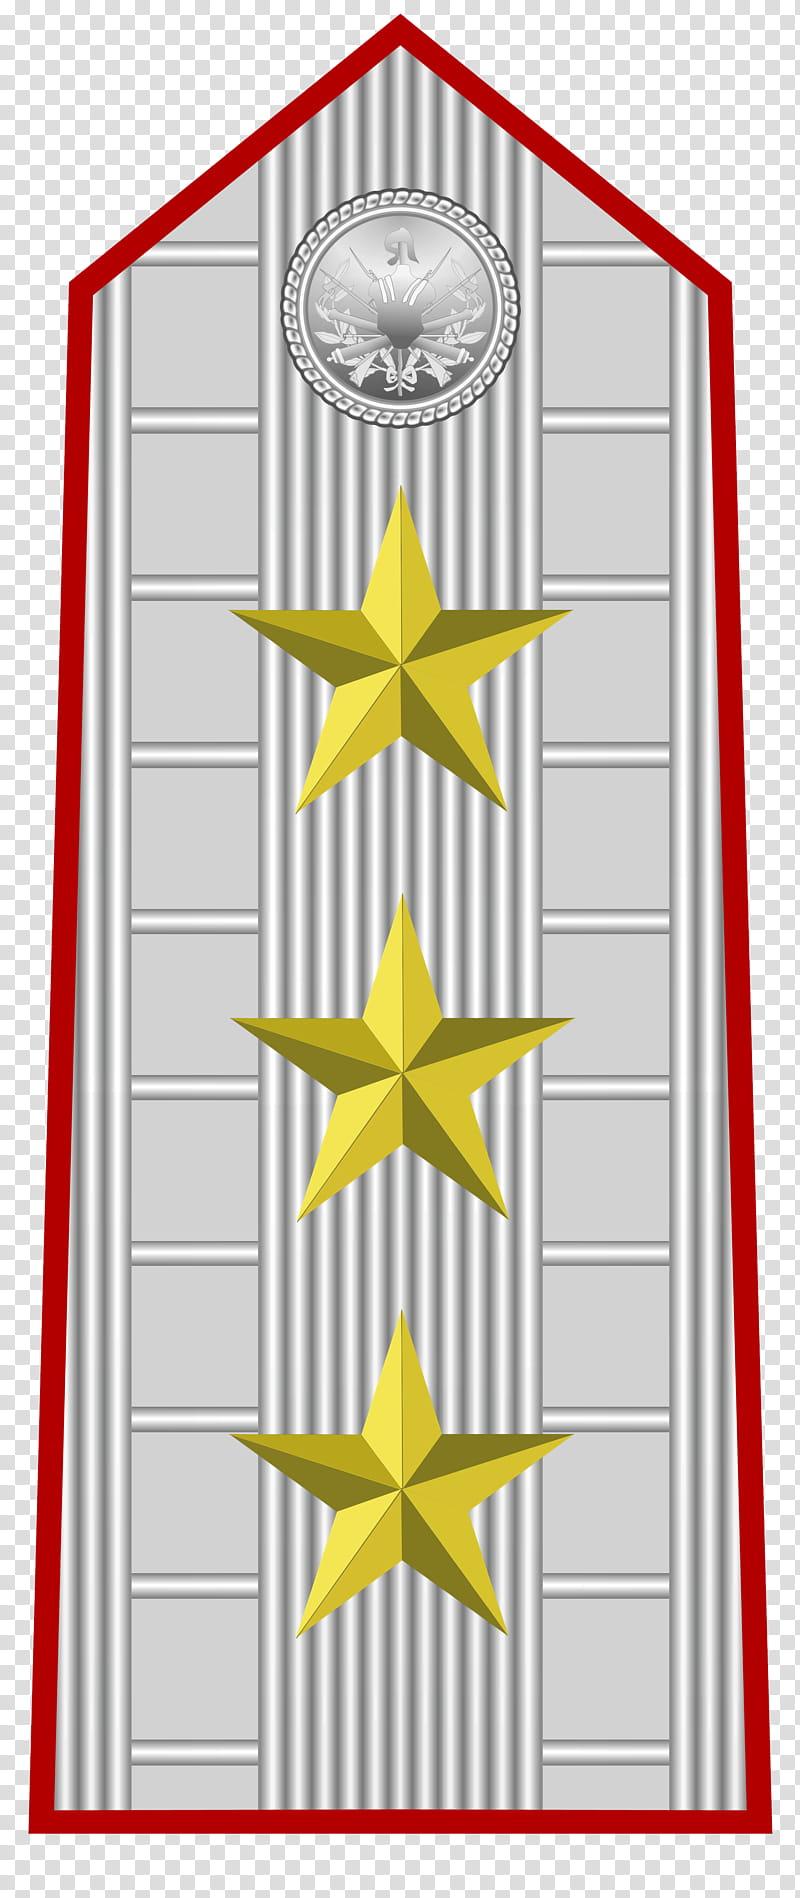 Army, Gradi Del Regio Esercito, Military Rank, Military.